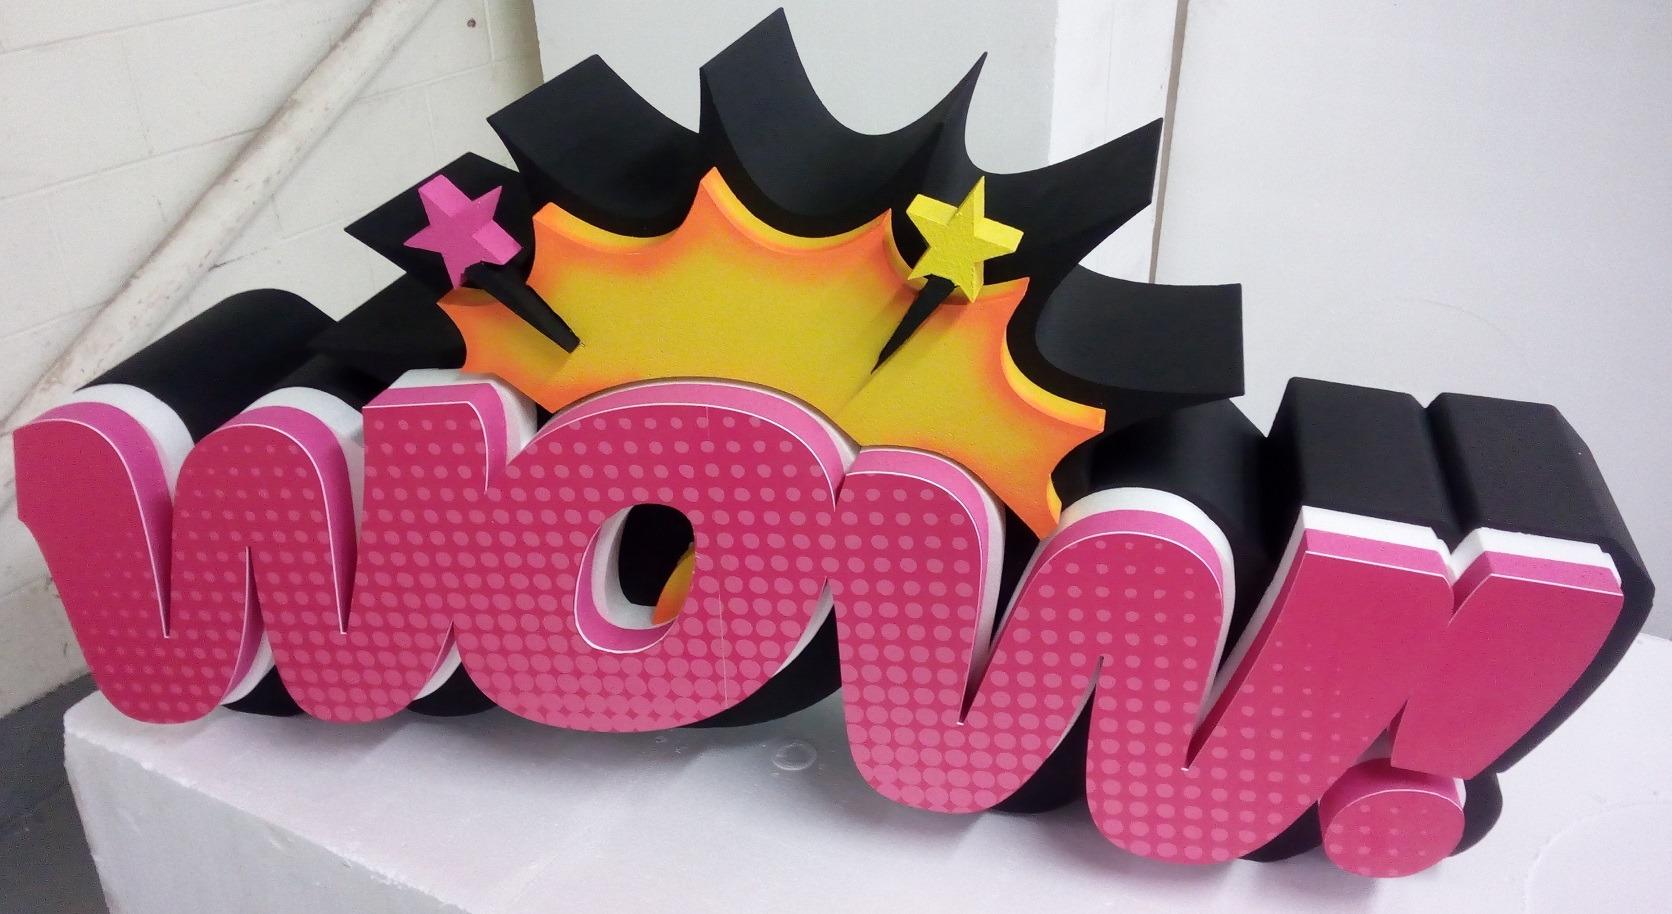 3D Polystyrene Letter Advertising